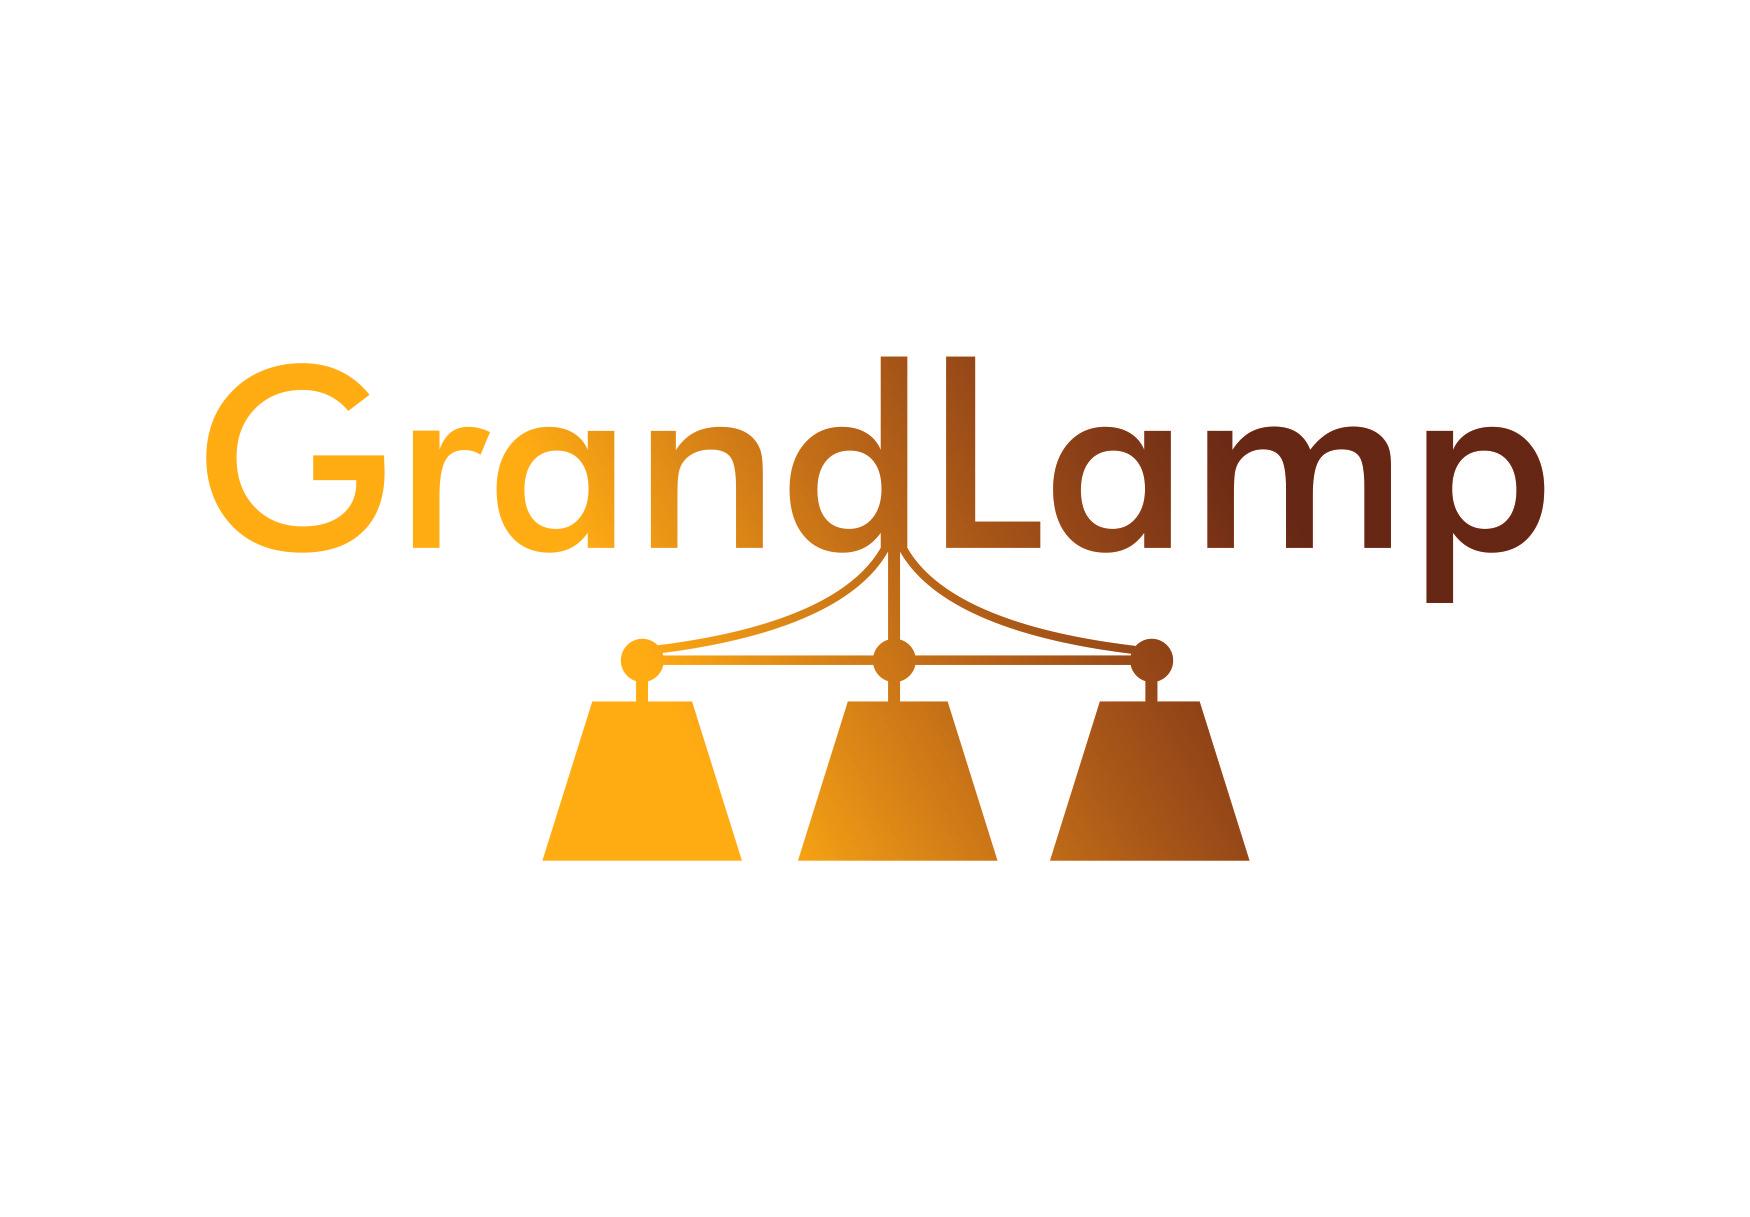 Разработка логотипа и элементов фирменного стиля фото f_42457e00f32c6da9.jpg